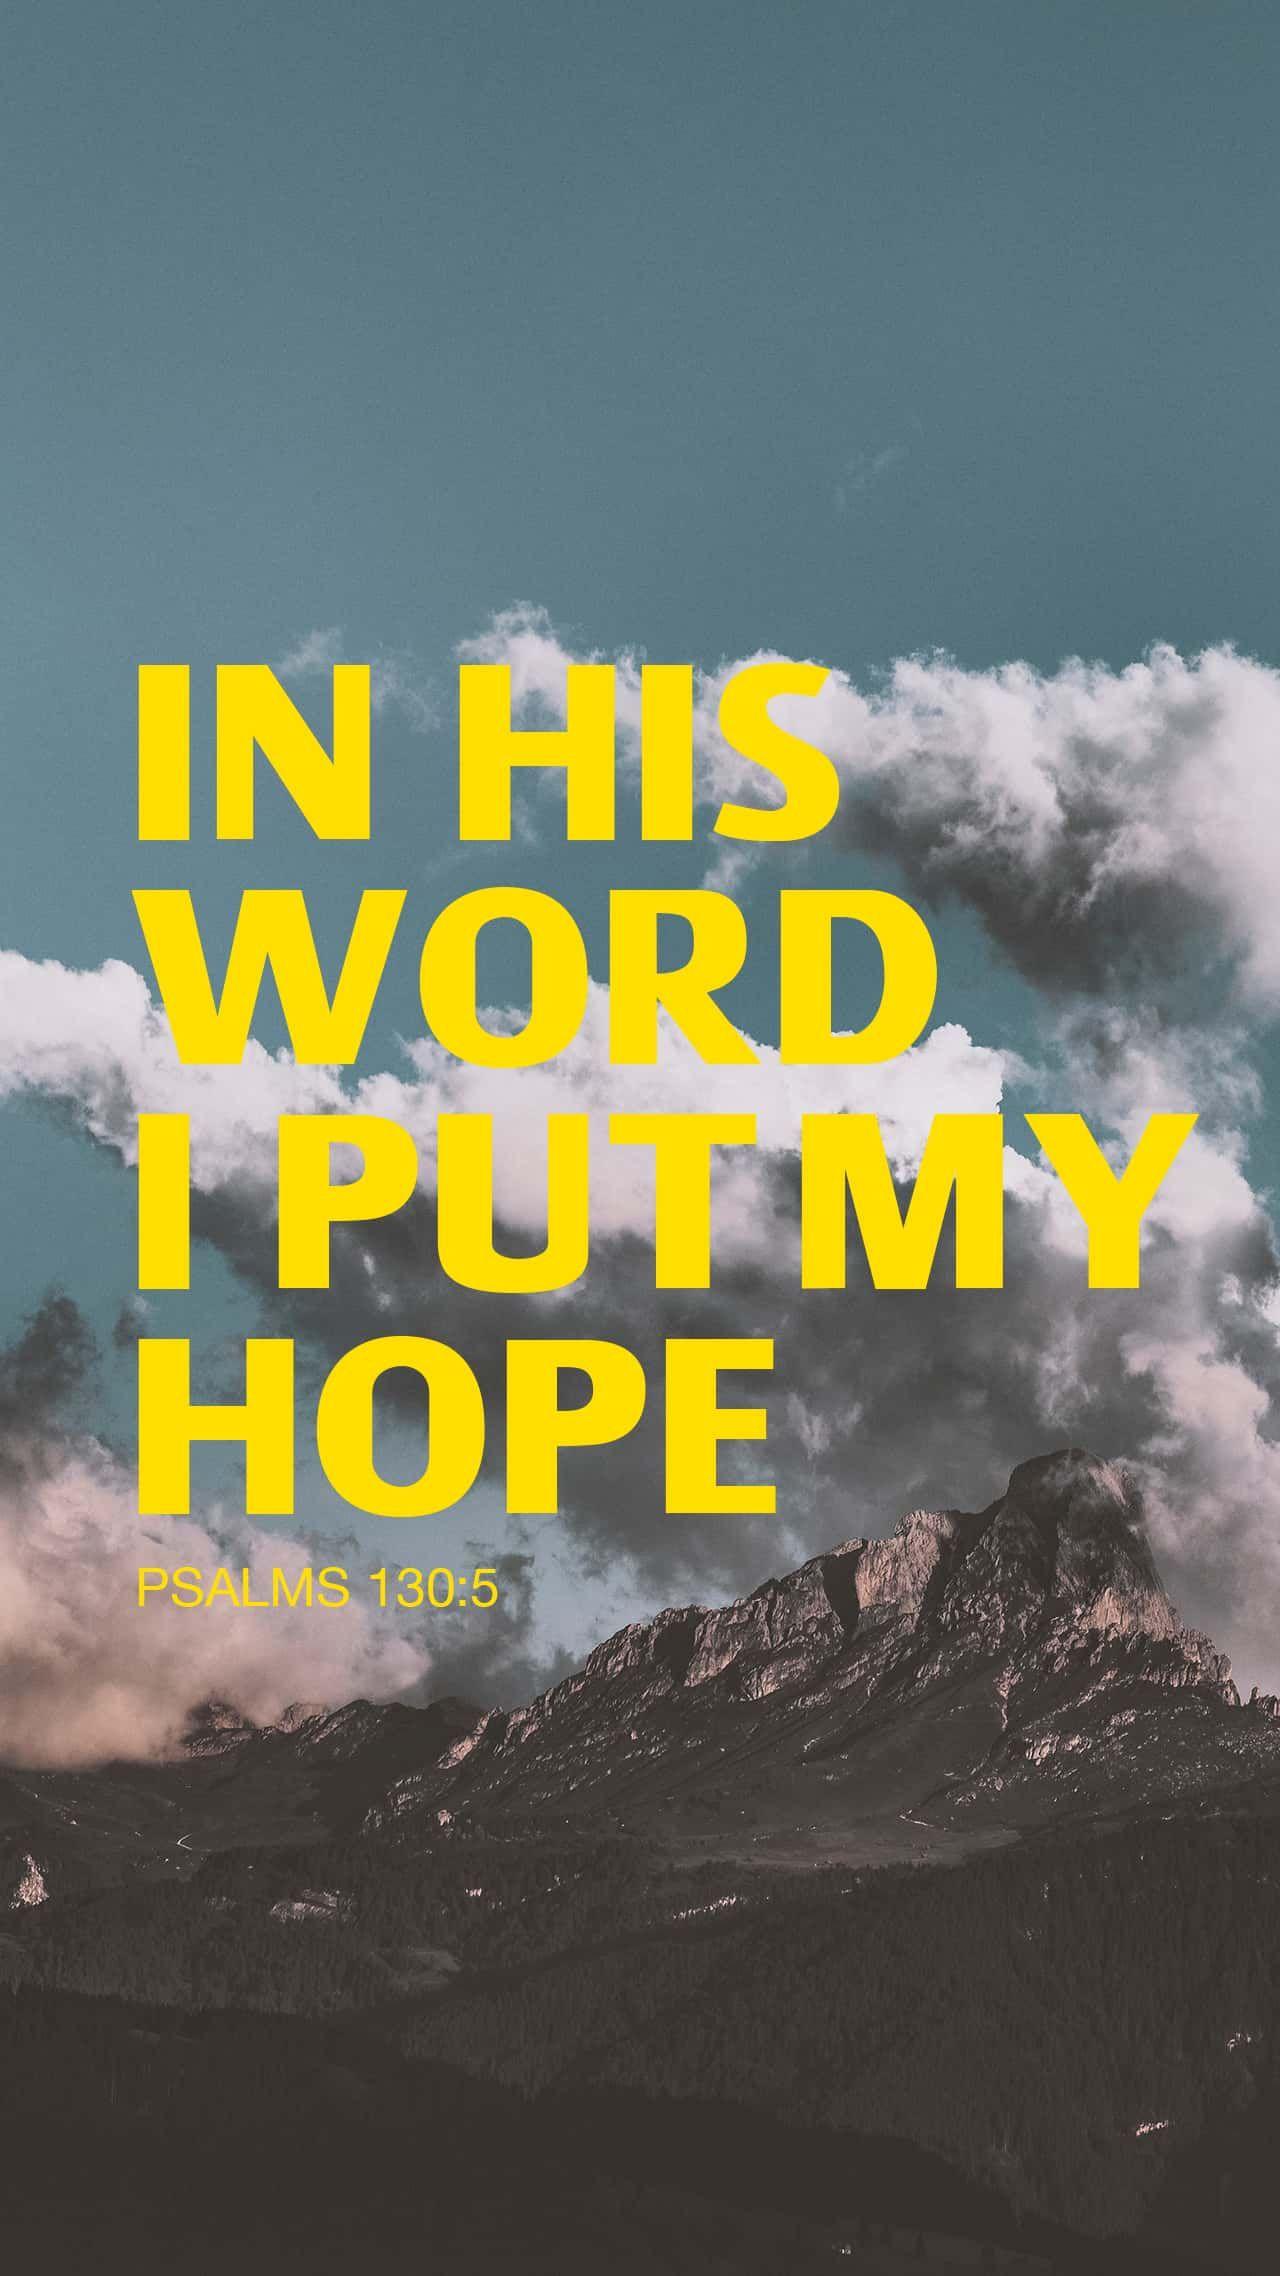 Psalm 1305 in 2020 Psalm 130, Psalms, Psalms 130 5